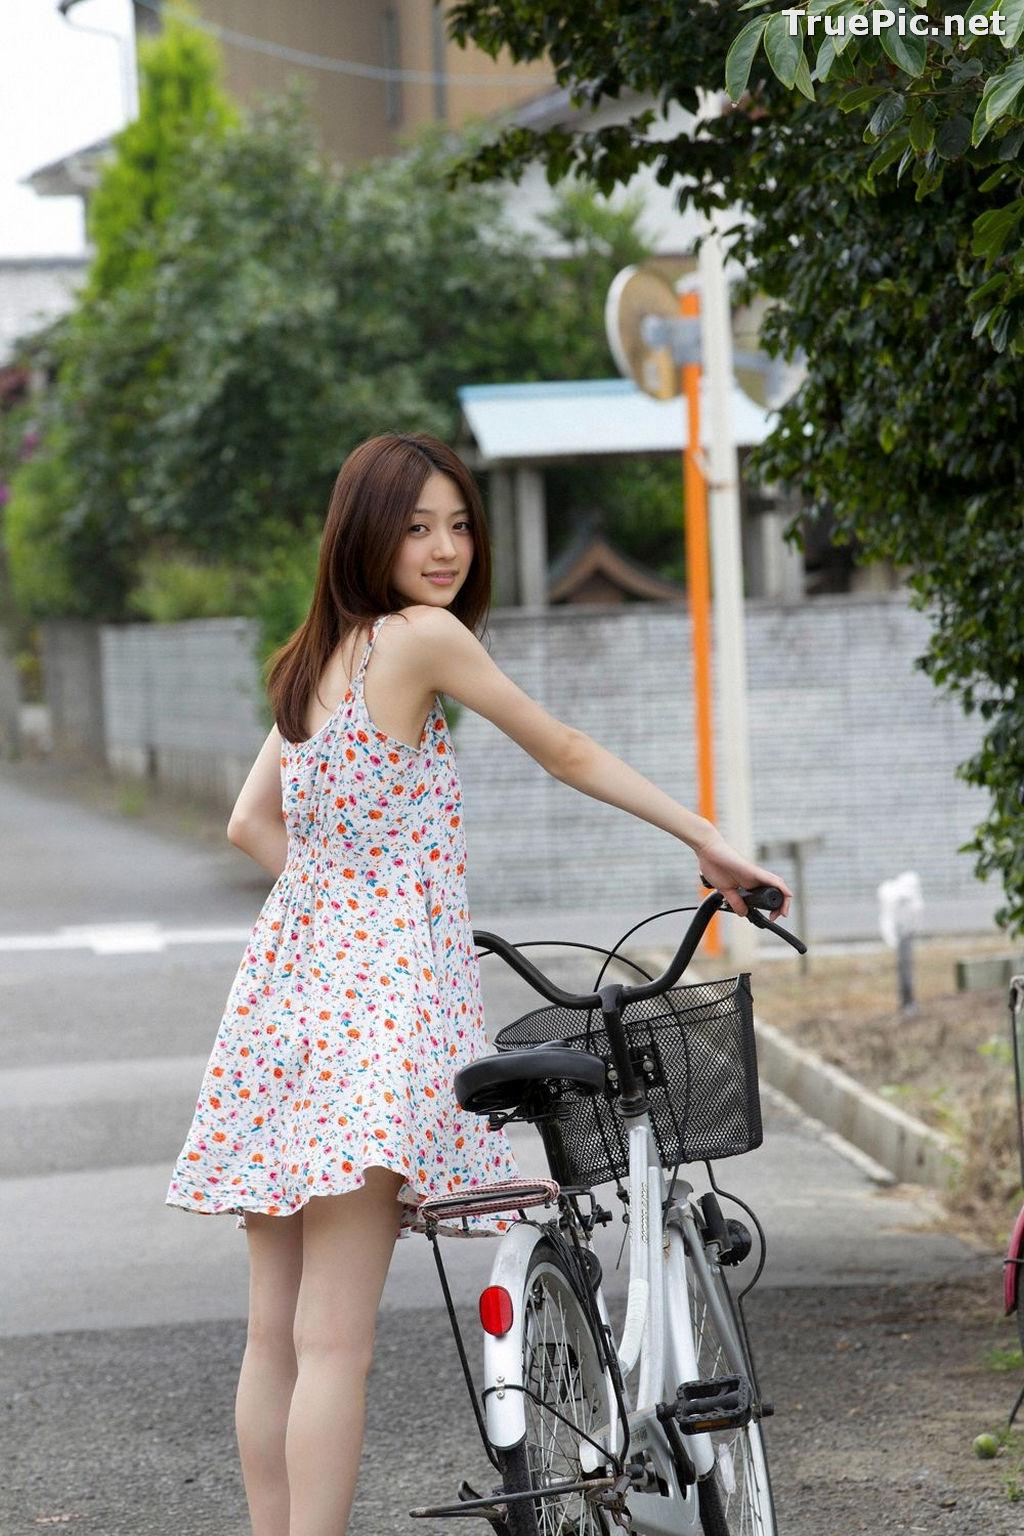 Image YS Web Vol.497 - Japanese Actress and Gravure Idol - Rina Aizawa - TruePic.net - Picture-9